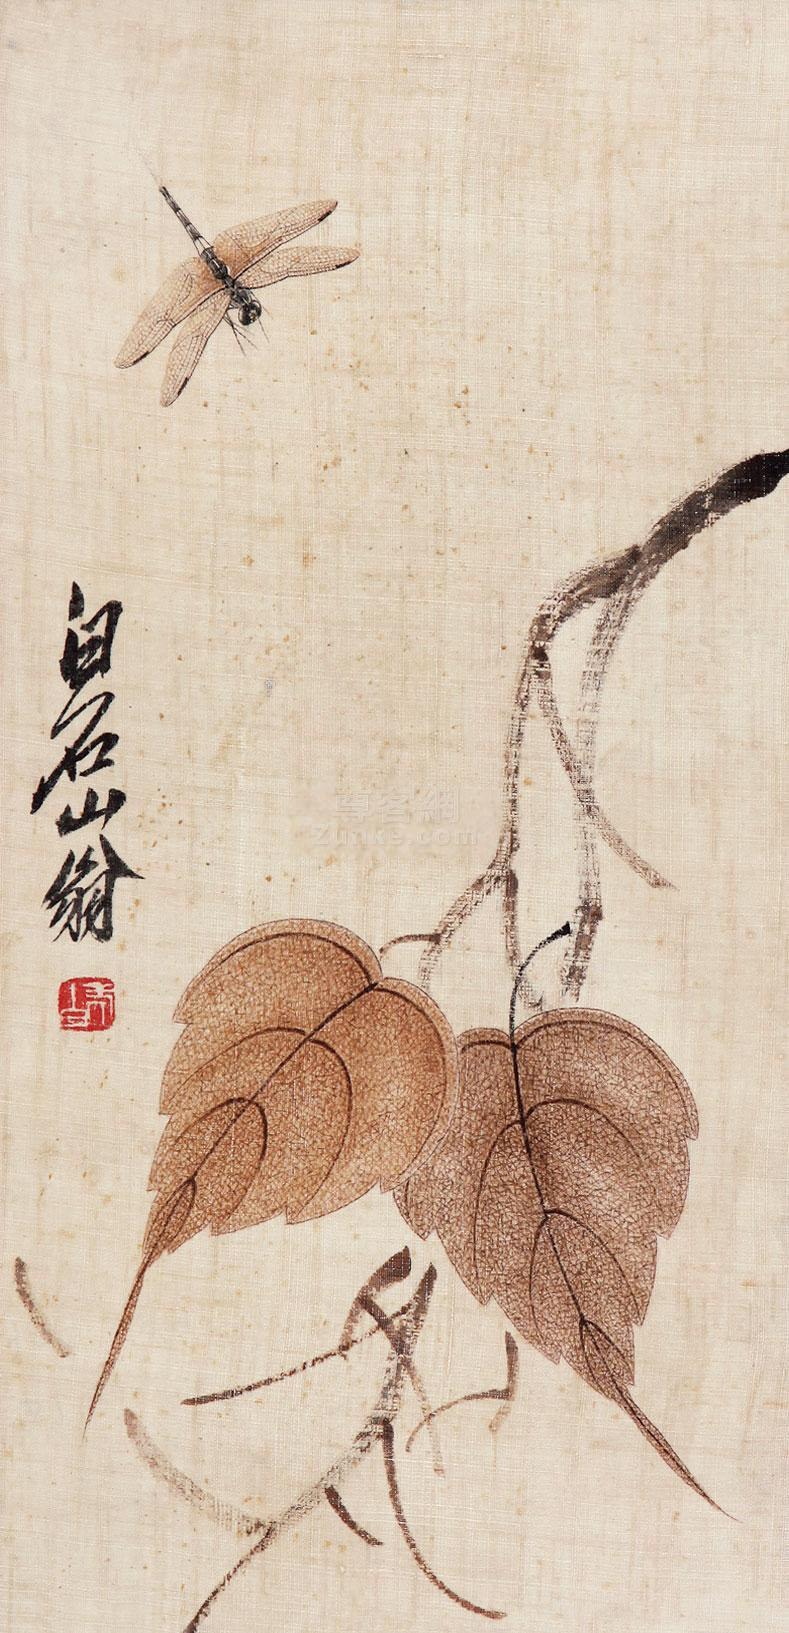 齐白石 被叶蜻蜓 立轴 绢本作品欣赏